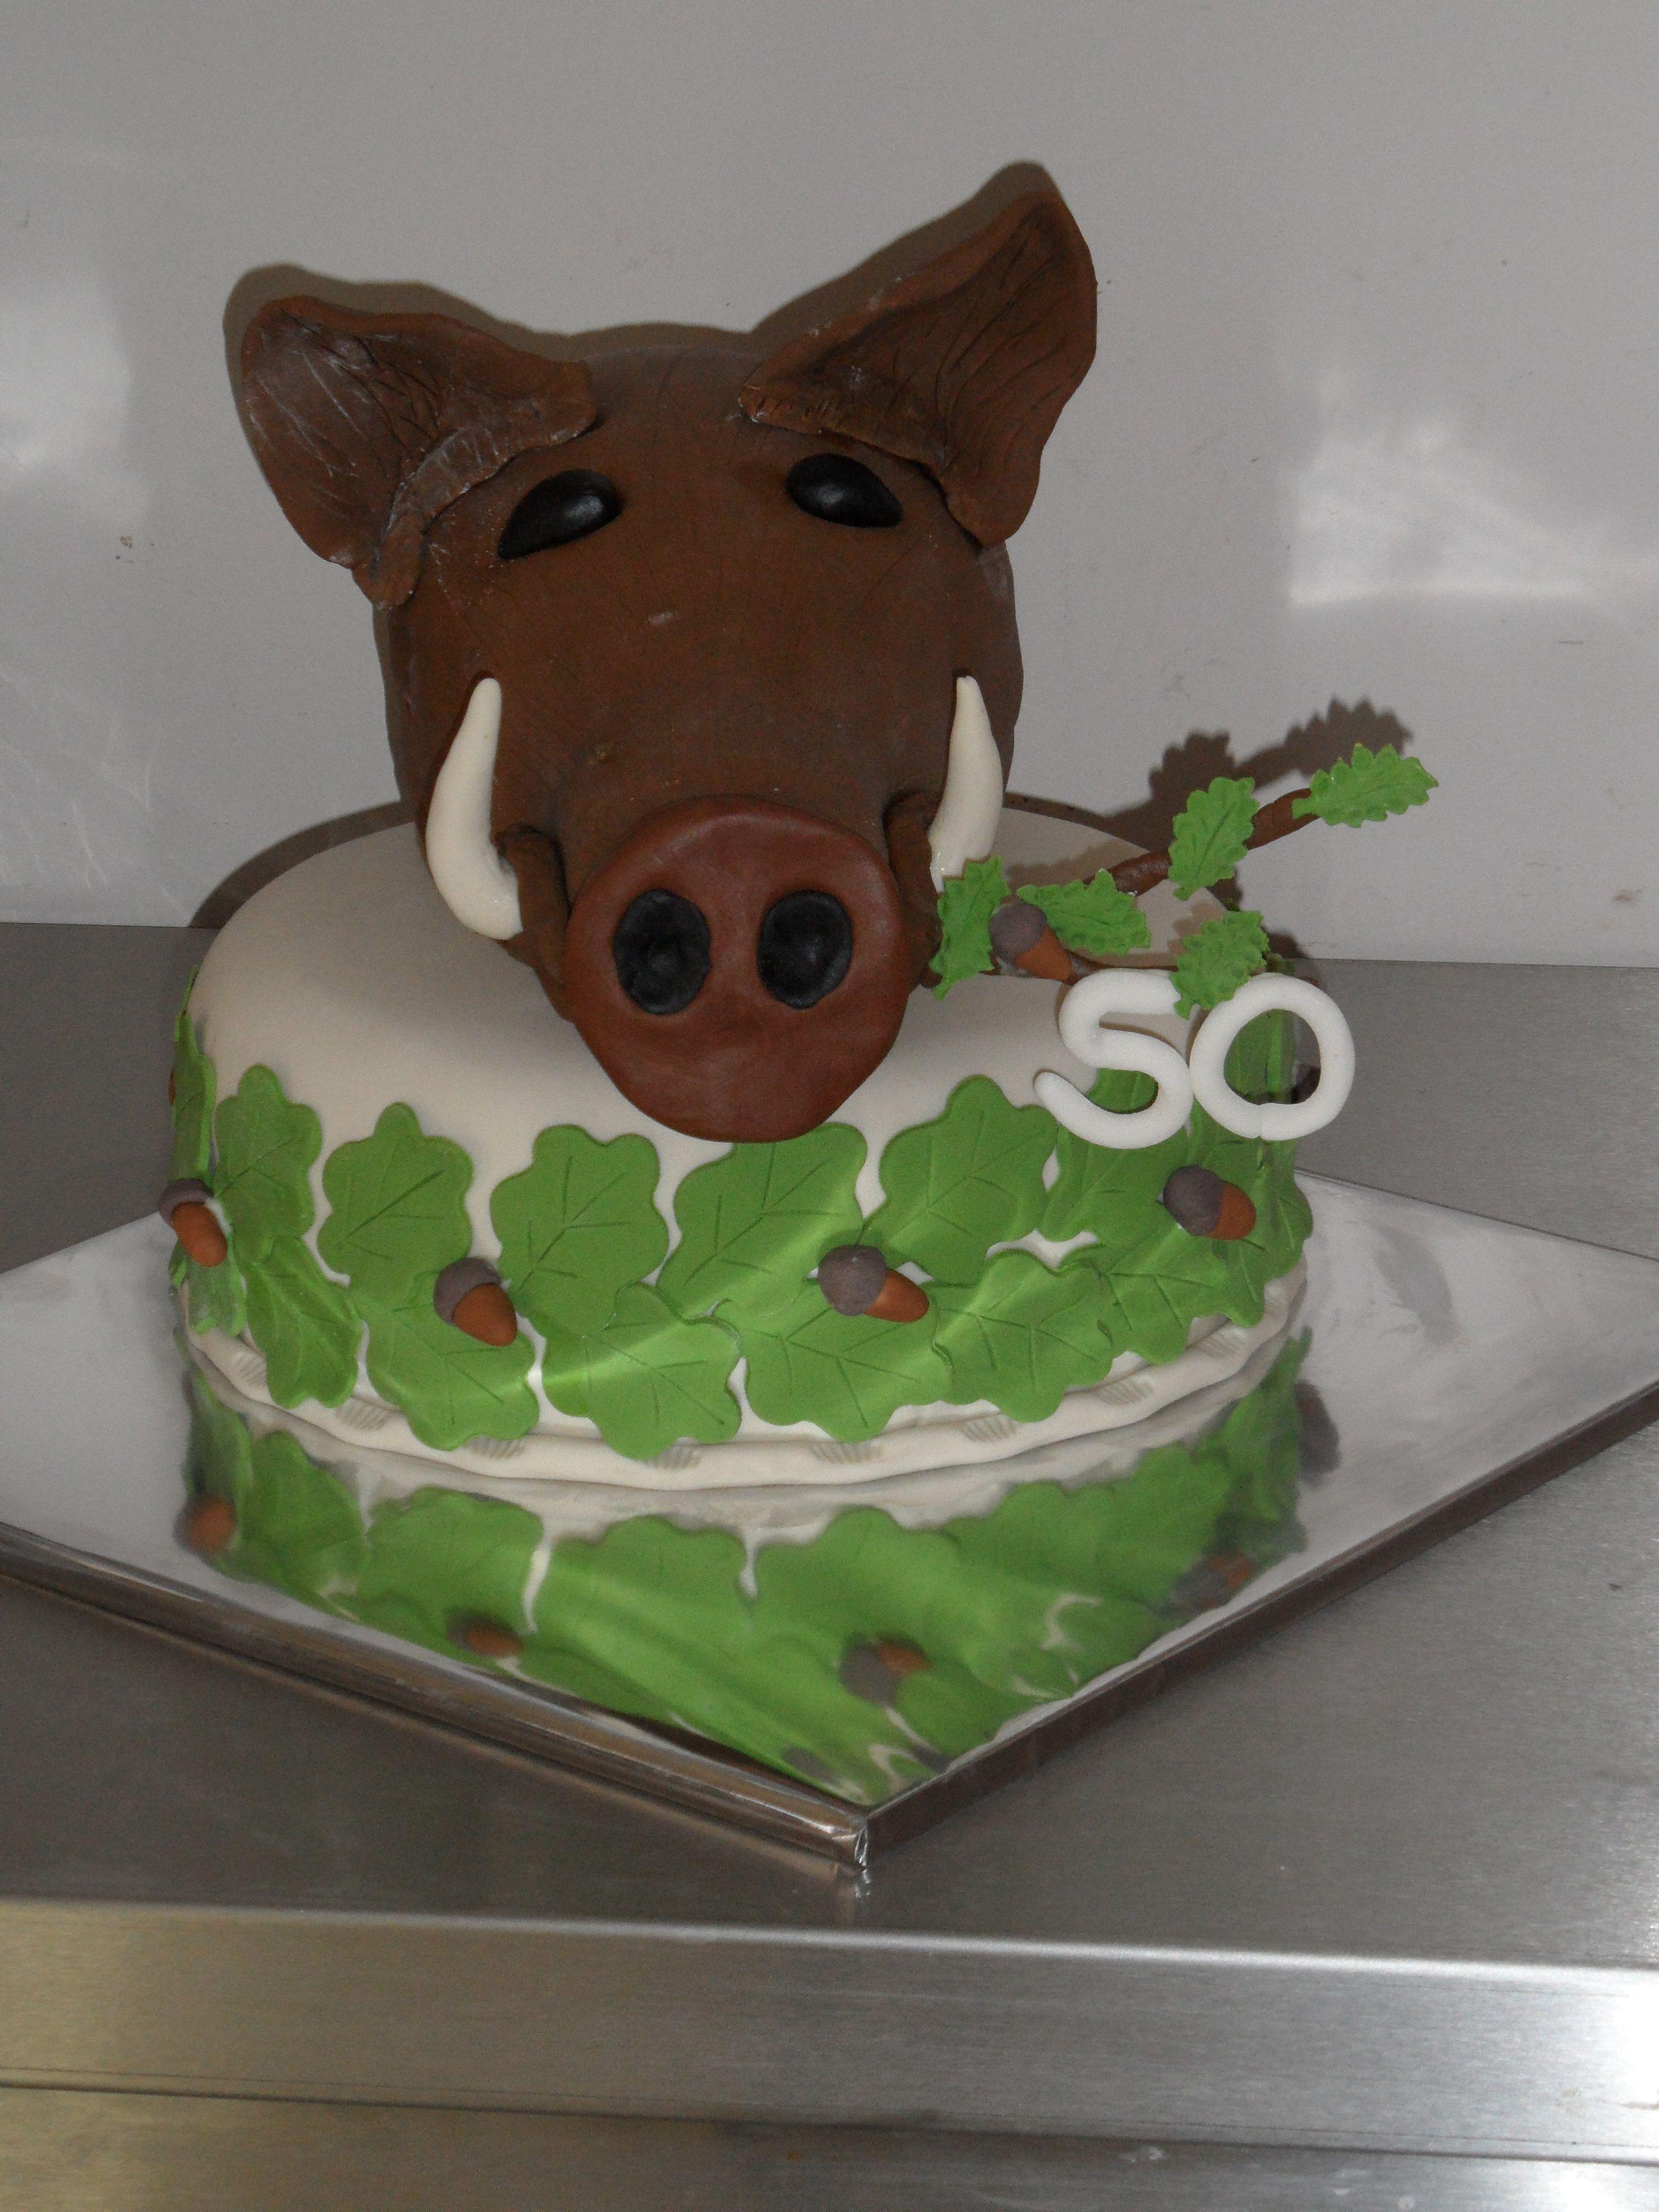 vadász torta képek Vadász születésnapi torta | Cukrászkodás | Pinterest vadász torta képek